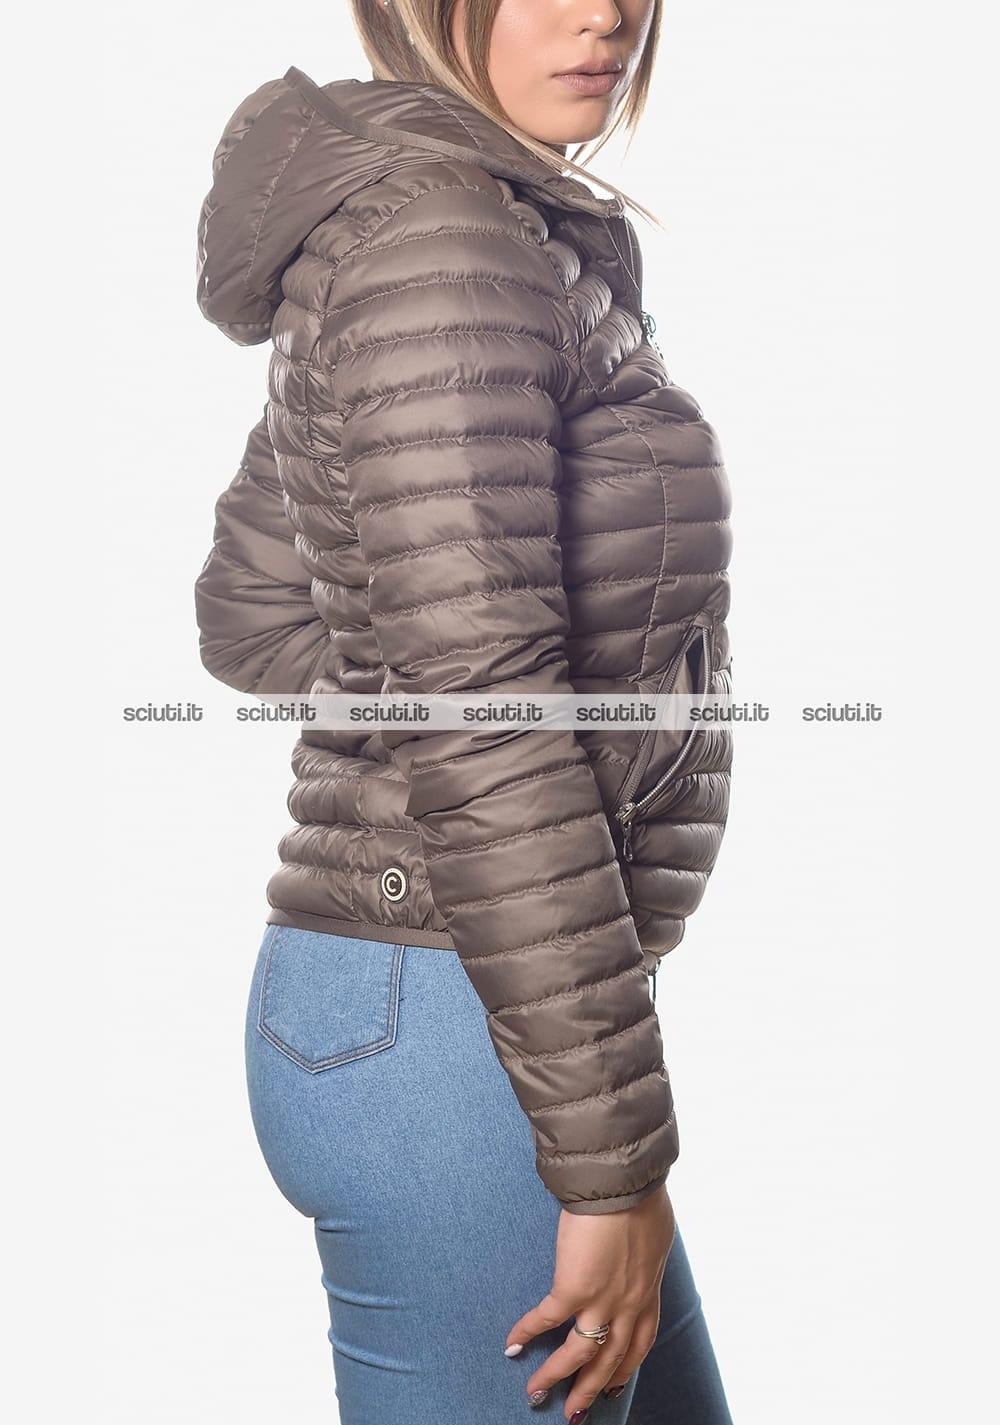 Piumino Colmar donna leggero con cappuccio tortora | Sciuti.it